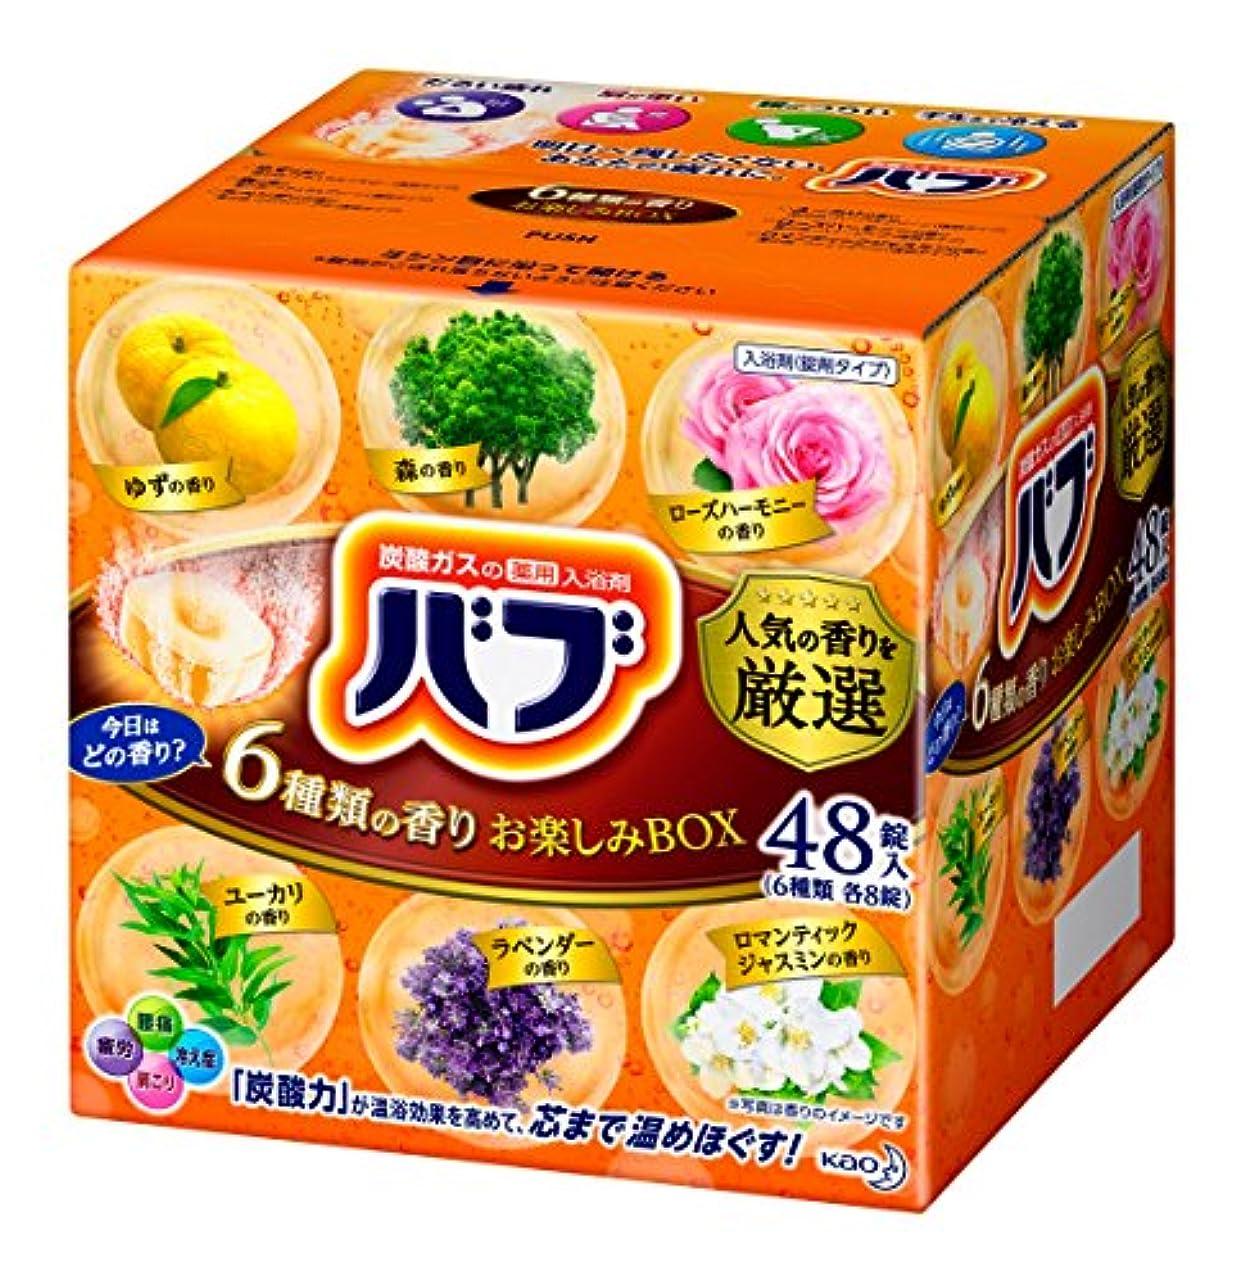 寝てる浪費化学者【大容量】バブ 6つの香りお楽しみBOX 48錠